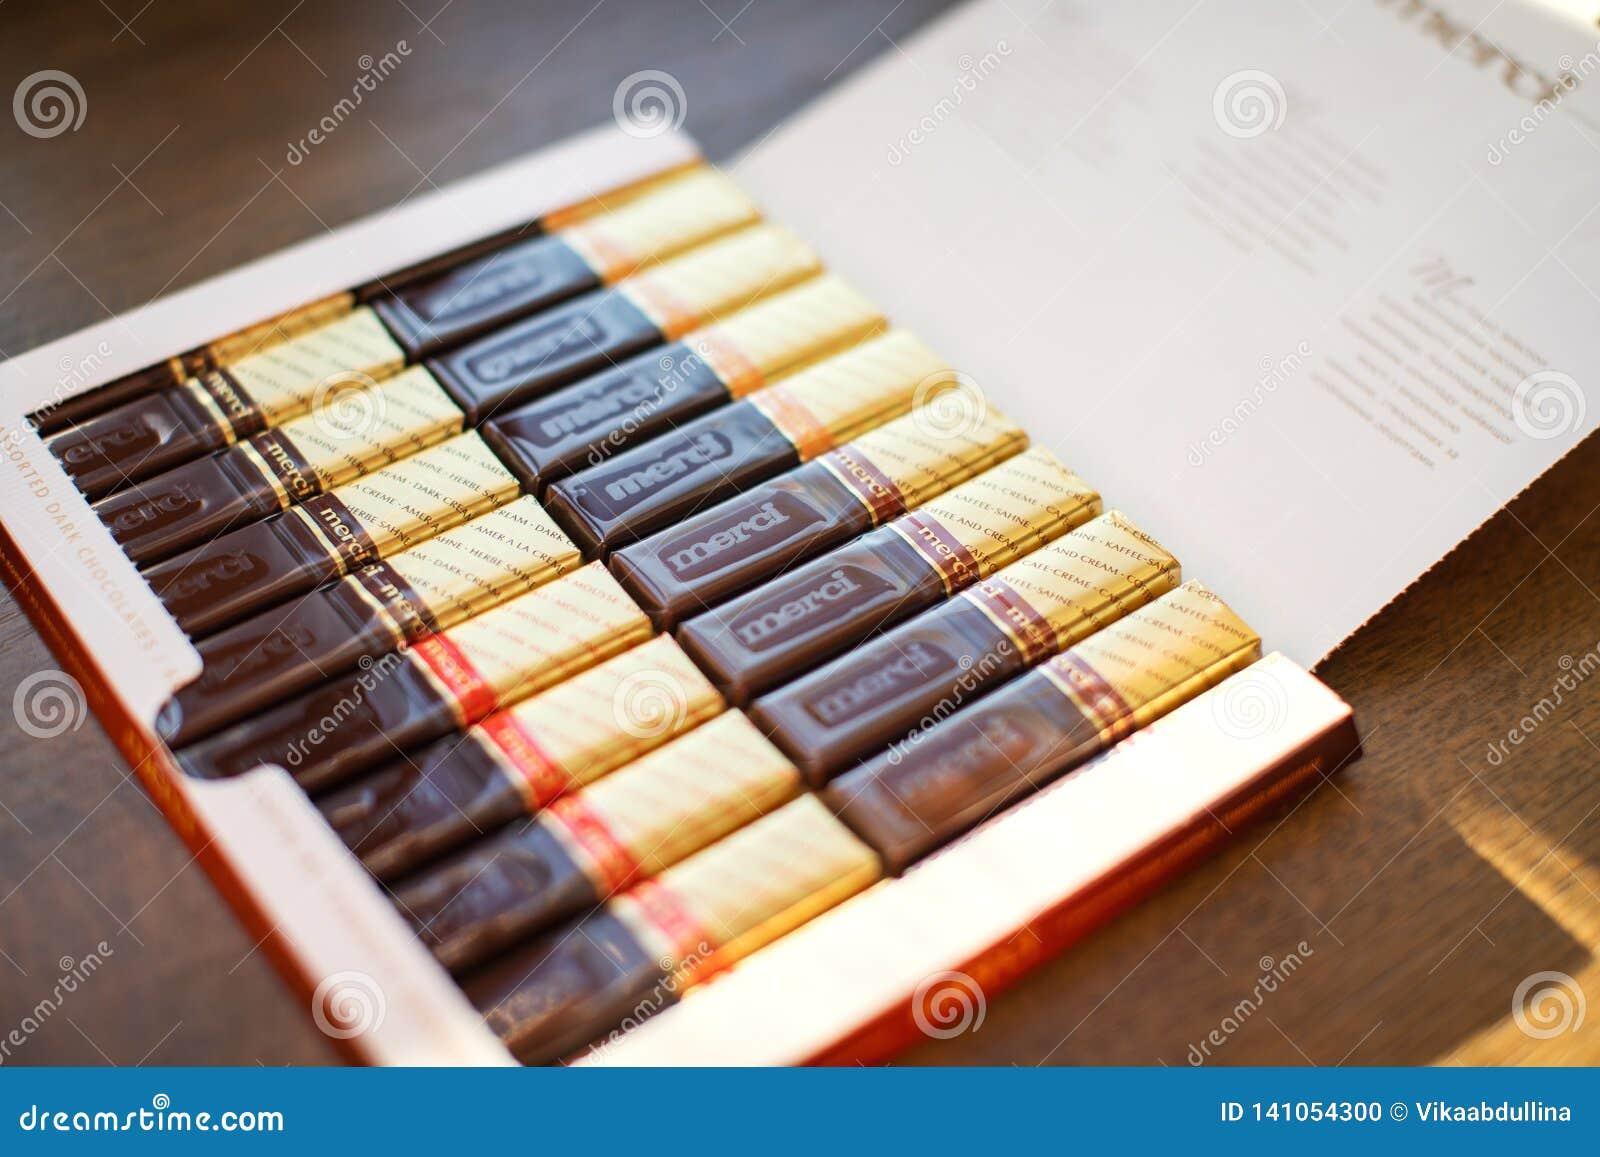 Merci-Schokolade - Marke der Praline hergestellt von der deutschen Firma August Storck, verkauft in mehr als 70 Ländern